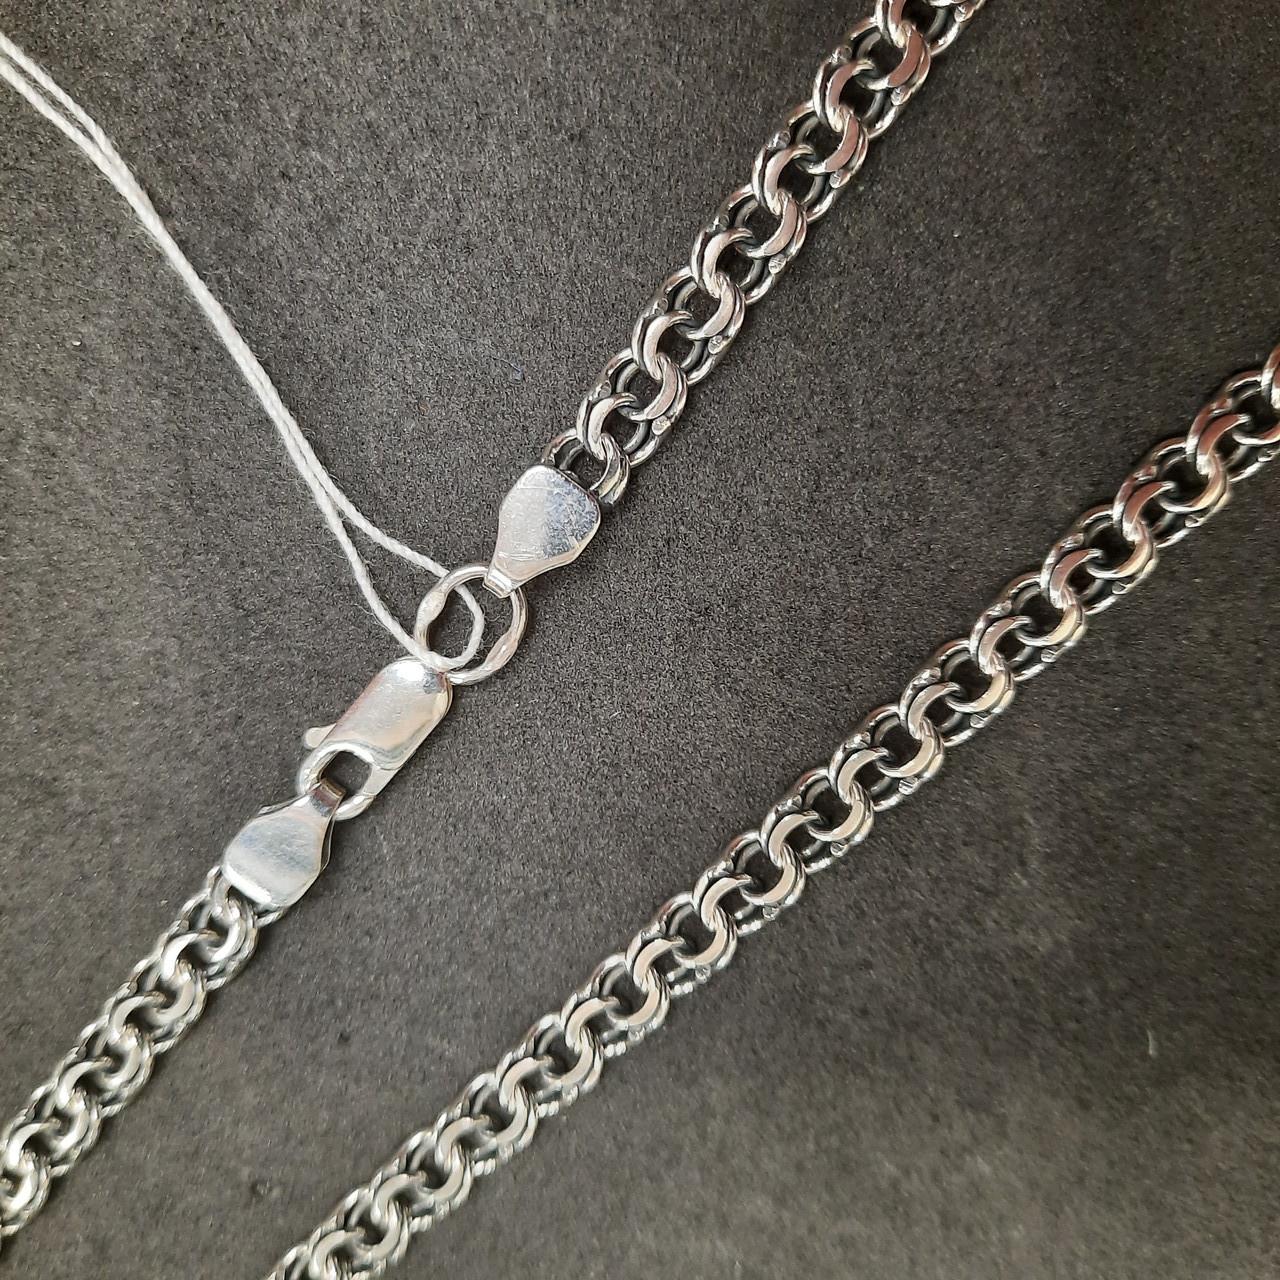 Срібна ланцюжок на шию 925 проби чоловіча, жіноча (срібний ланцюг чоловічий, жіночий). 45 див. Плетіння